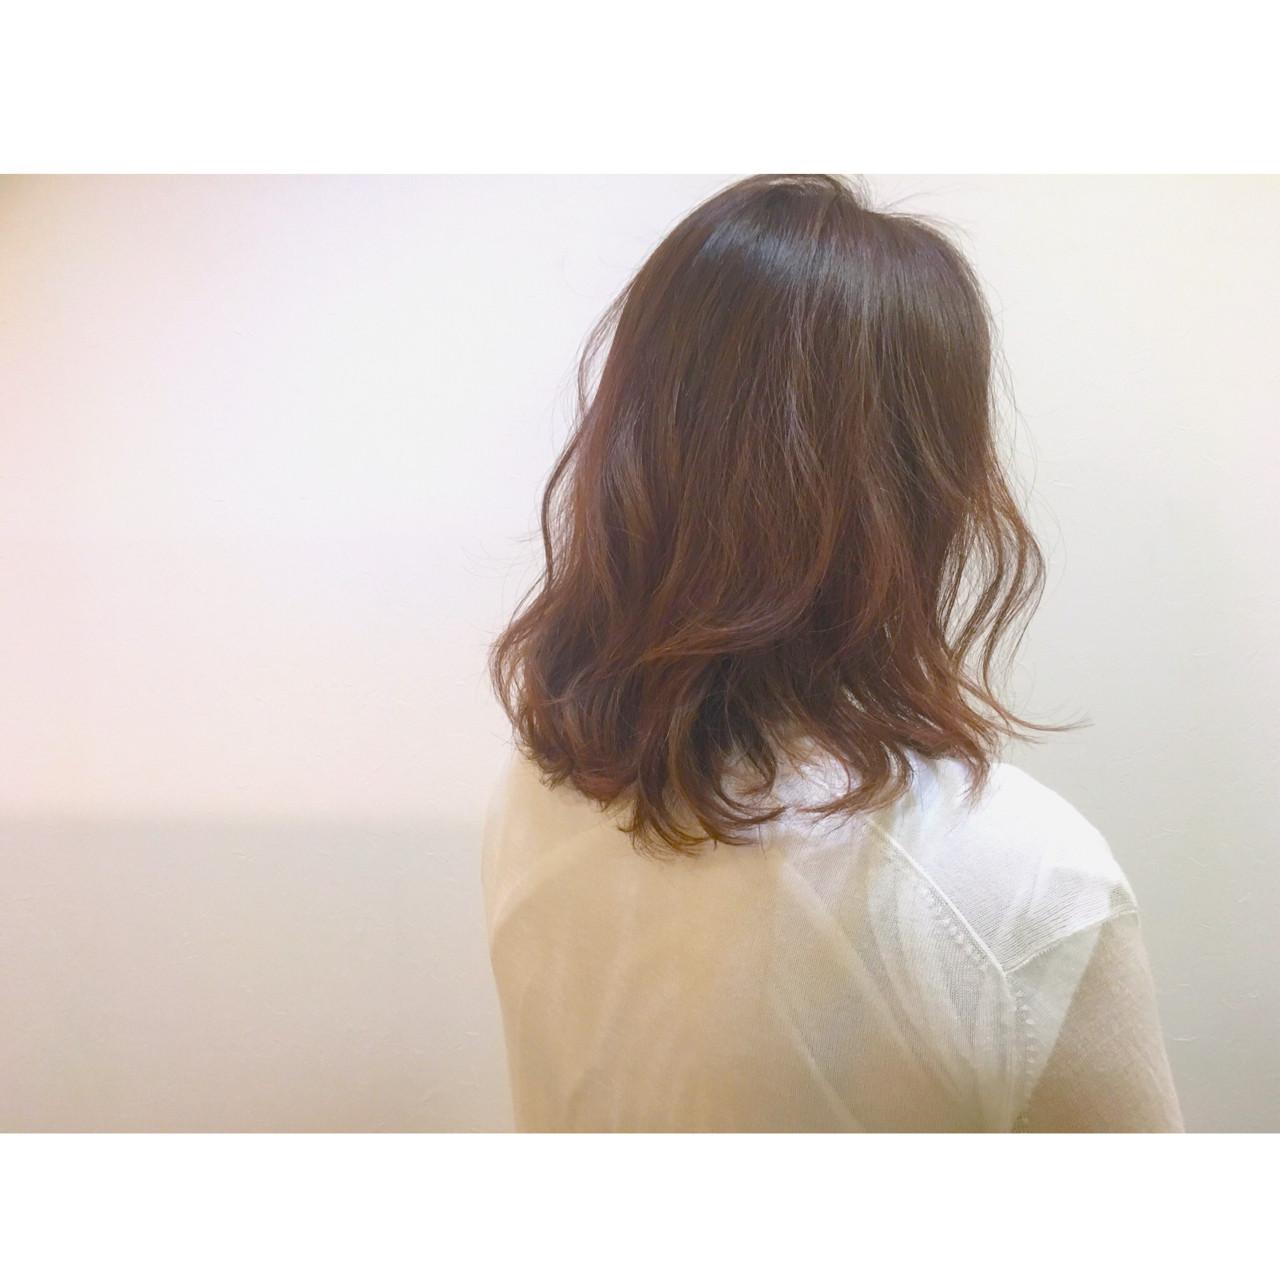 ベージュ ストリート 外国人風 ミディアム ヘアスタイルや髪型の写真・画像